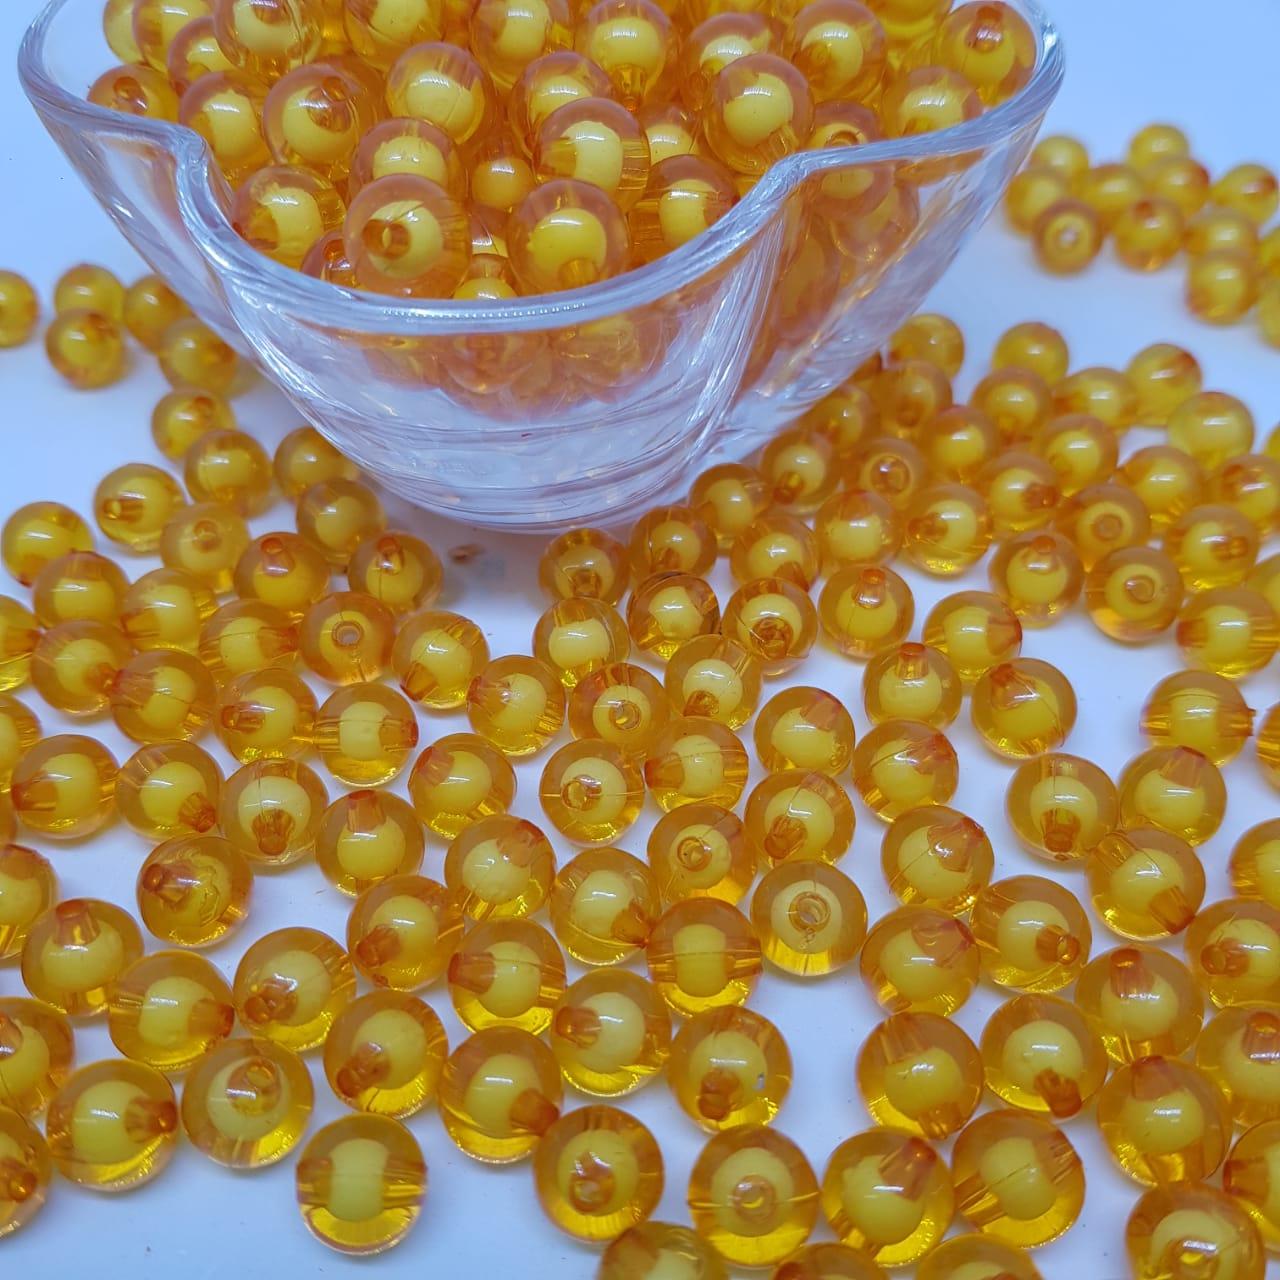 Bolinha de acrilico laranja com miolo branco lisa  10MM 25g